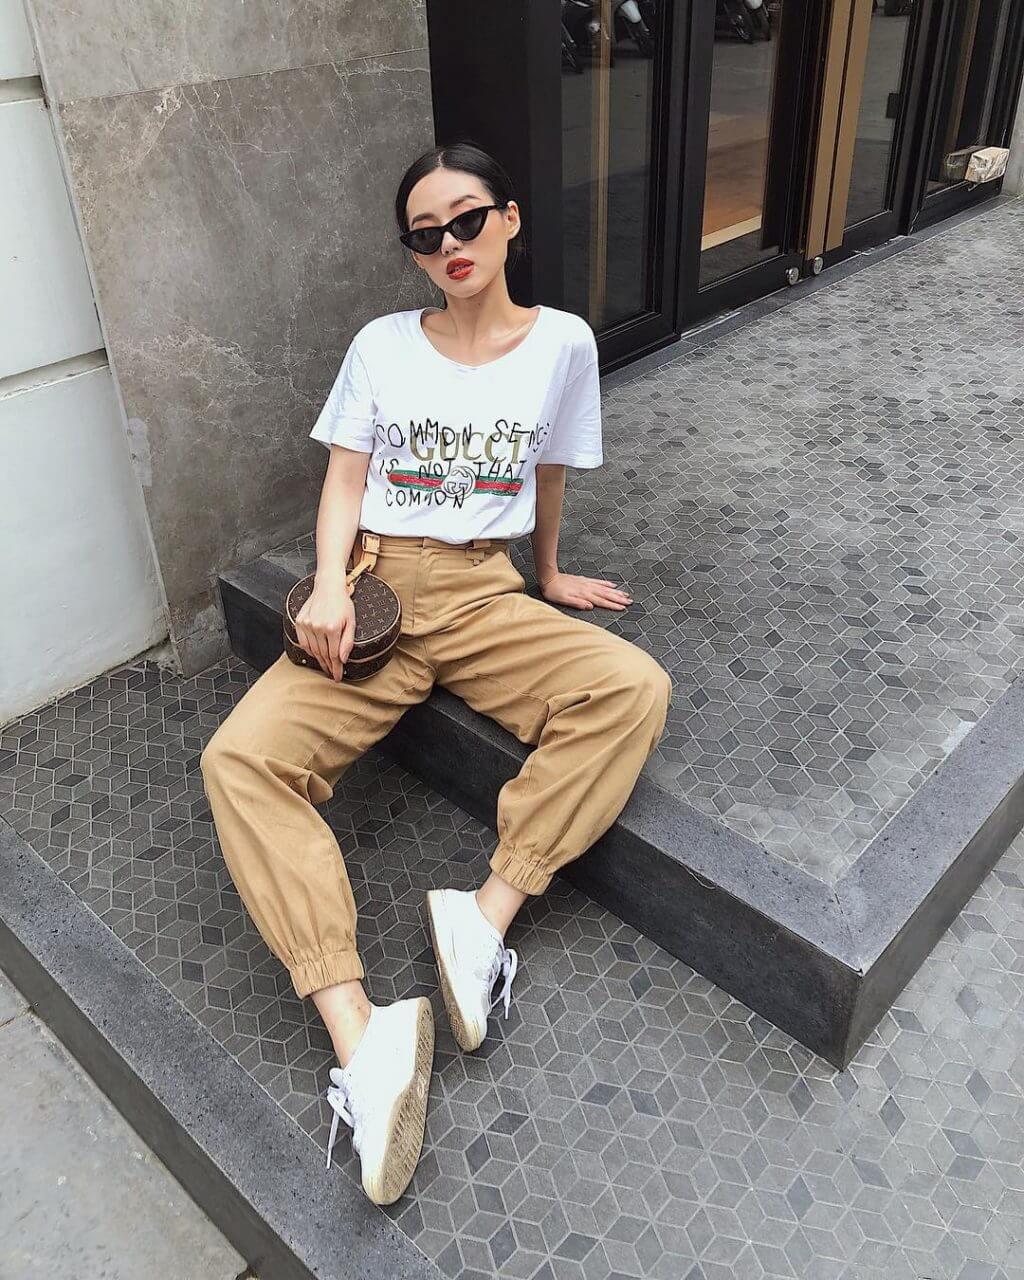 Mẫu áo thun Gucci của cô nàng Khánh Linh diện có giá gần 13 triệu đồng